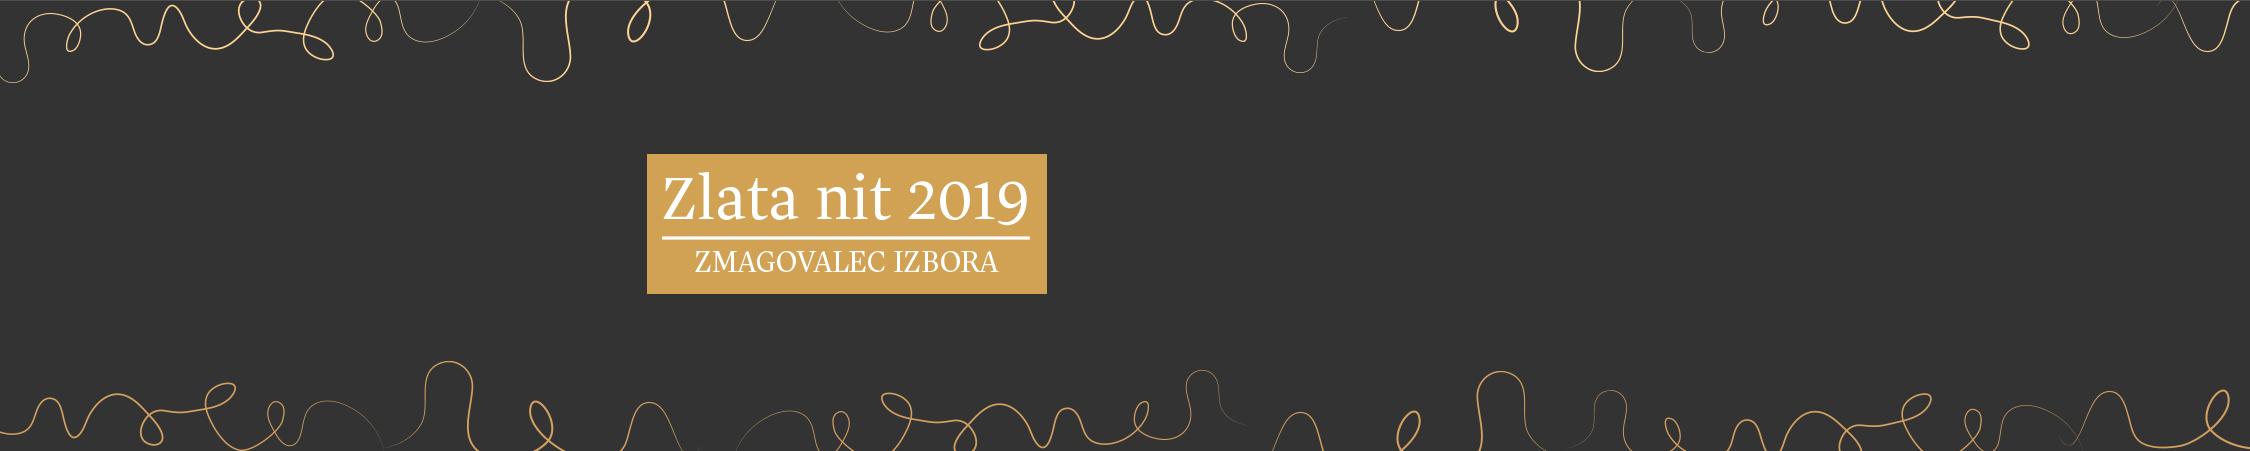 Zmagovalec Zlata nit 2019